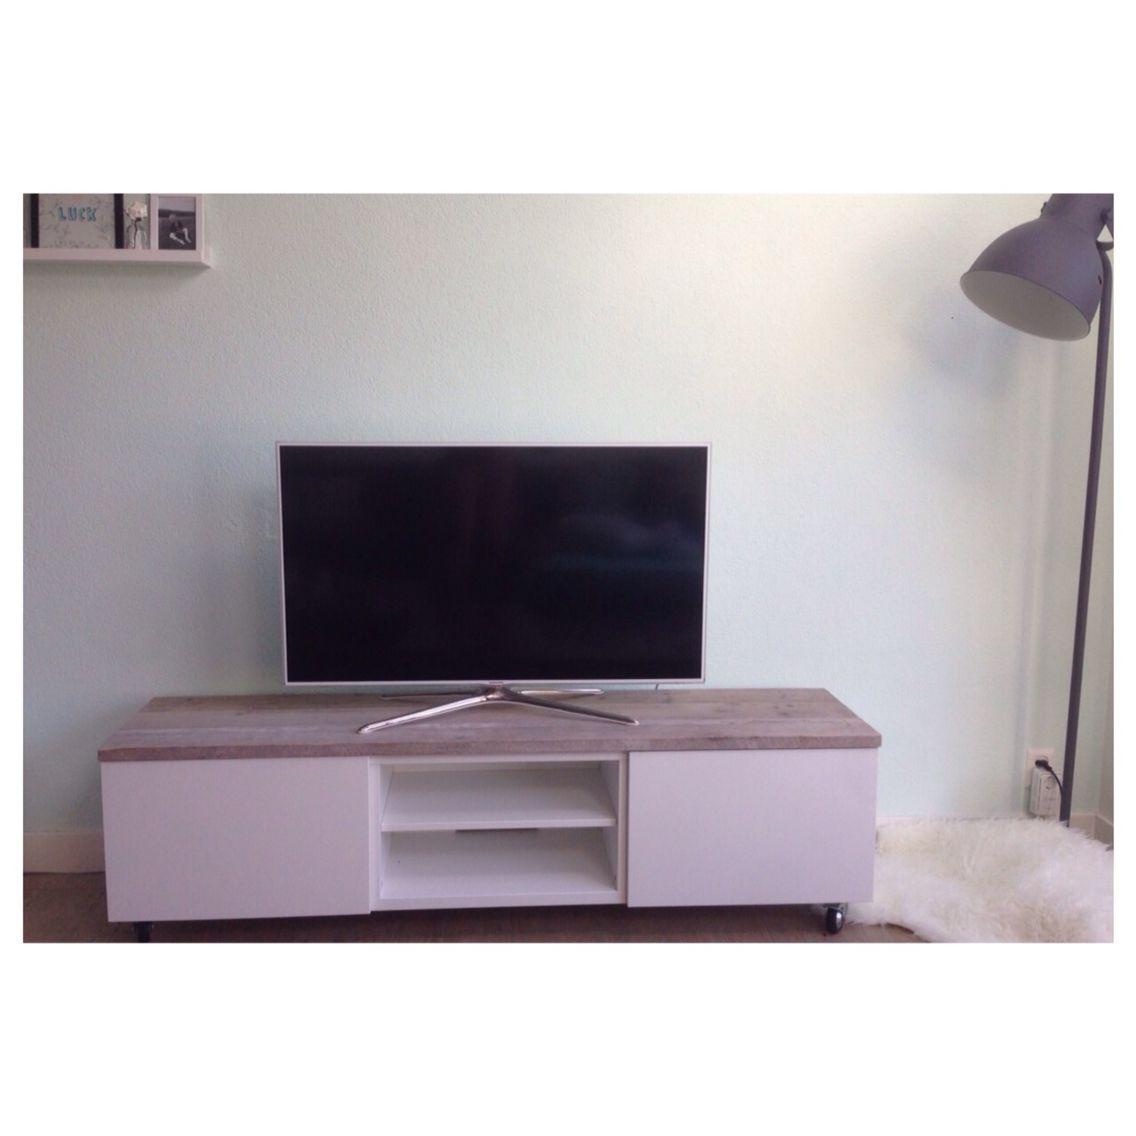 Ikea Tv Meubel Op Wieltjes.Ikea Hack Tv Meubel Besta Met Daarop Steigerhouten Planken En Aan